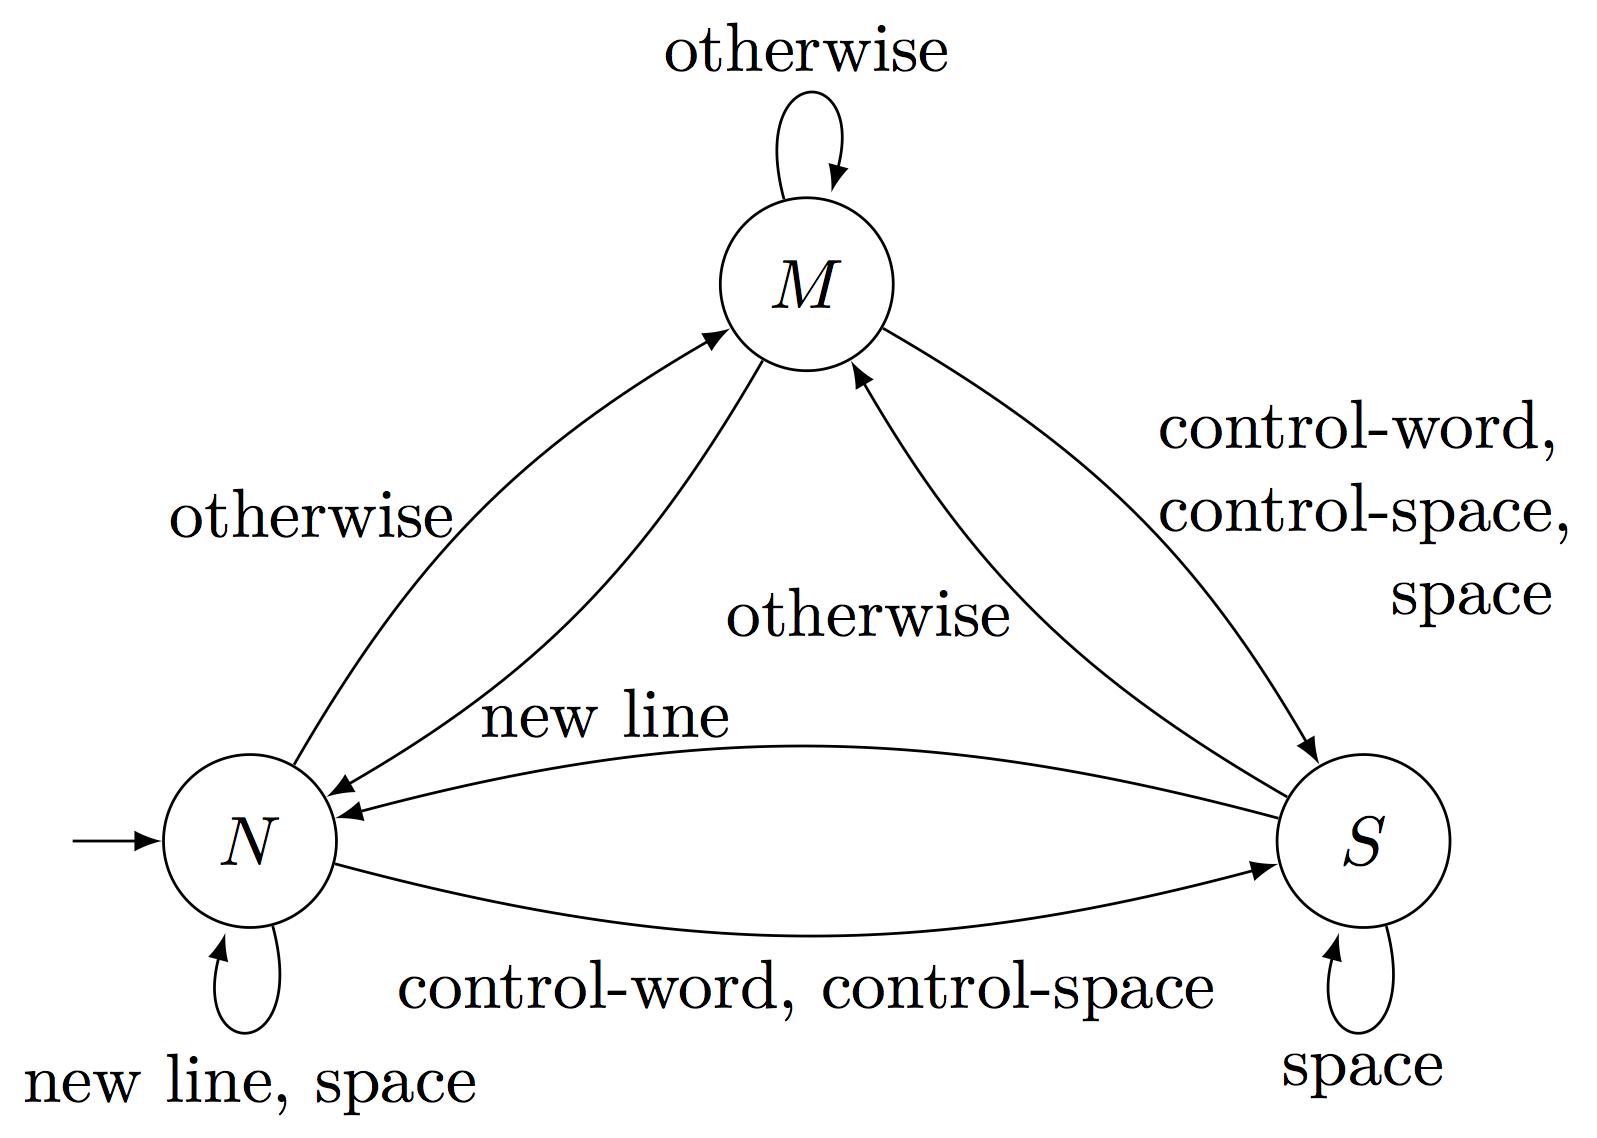 入力プロセッサのオートマトンモデル